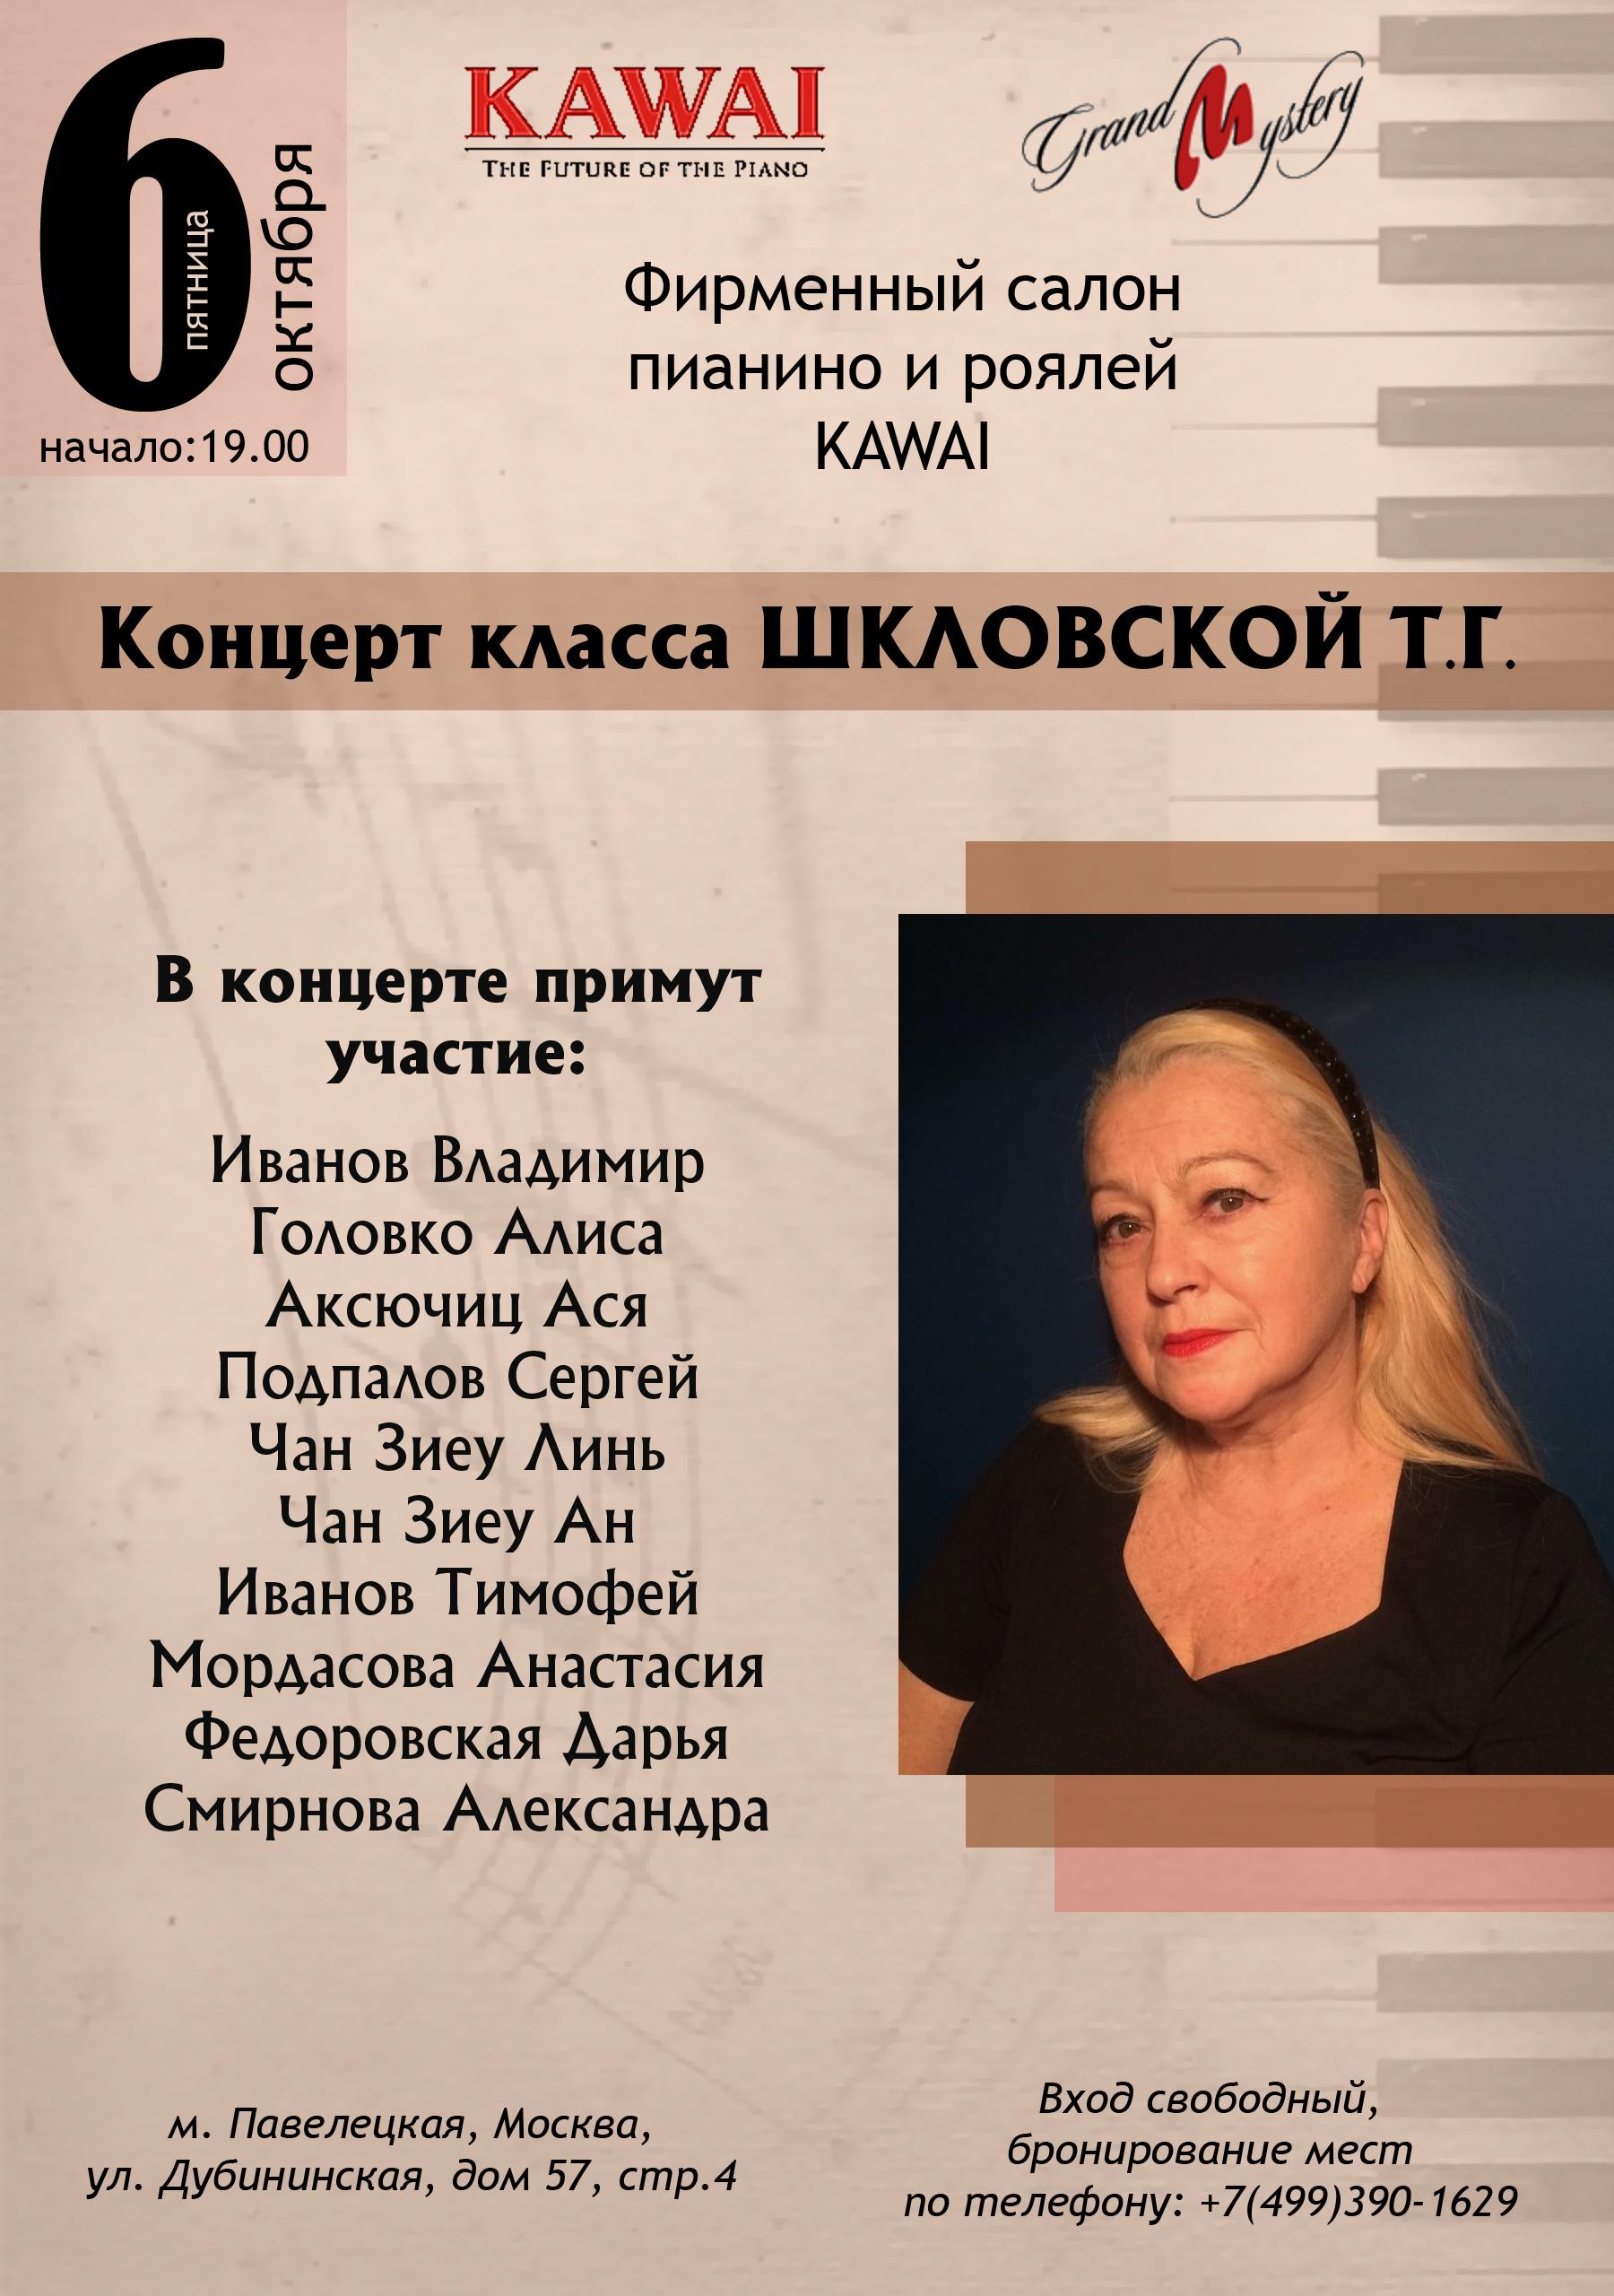 концерт класса Шкловской Татьяны Григорьевны